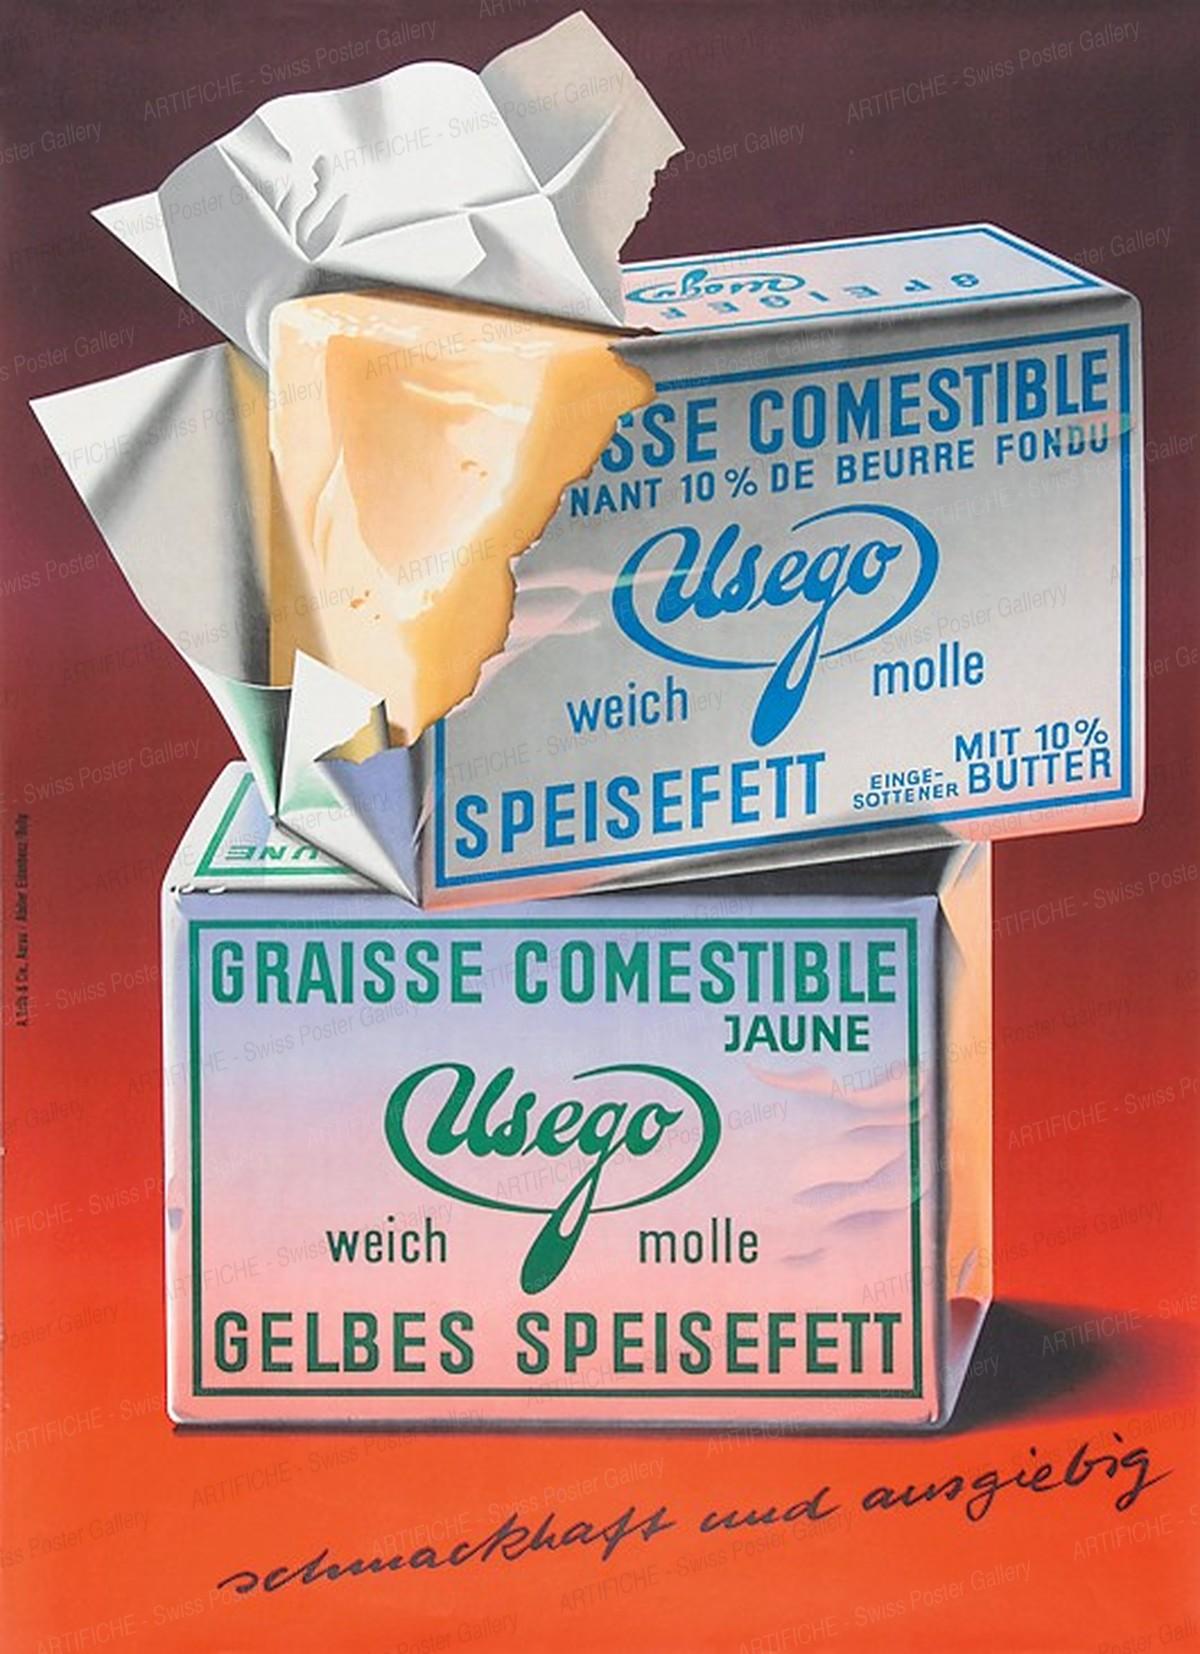 Usego graisse comestible jaune, Hermann / Rolly Hanspeter Eidenbenz